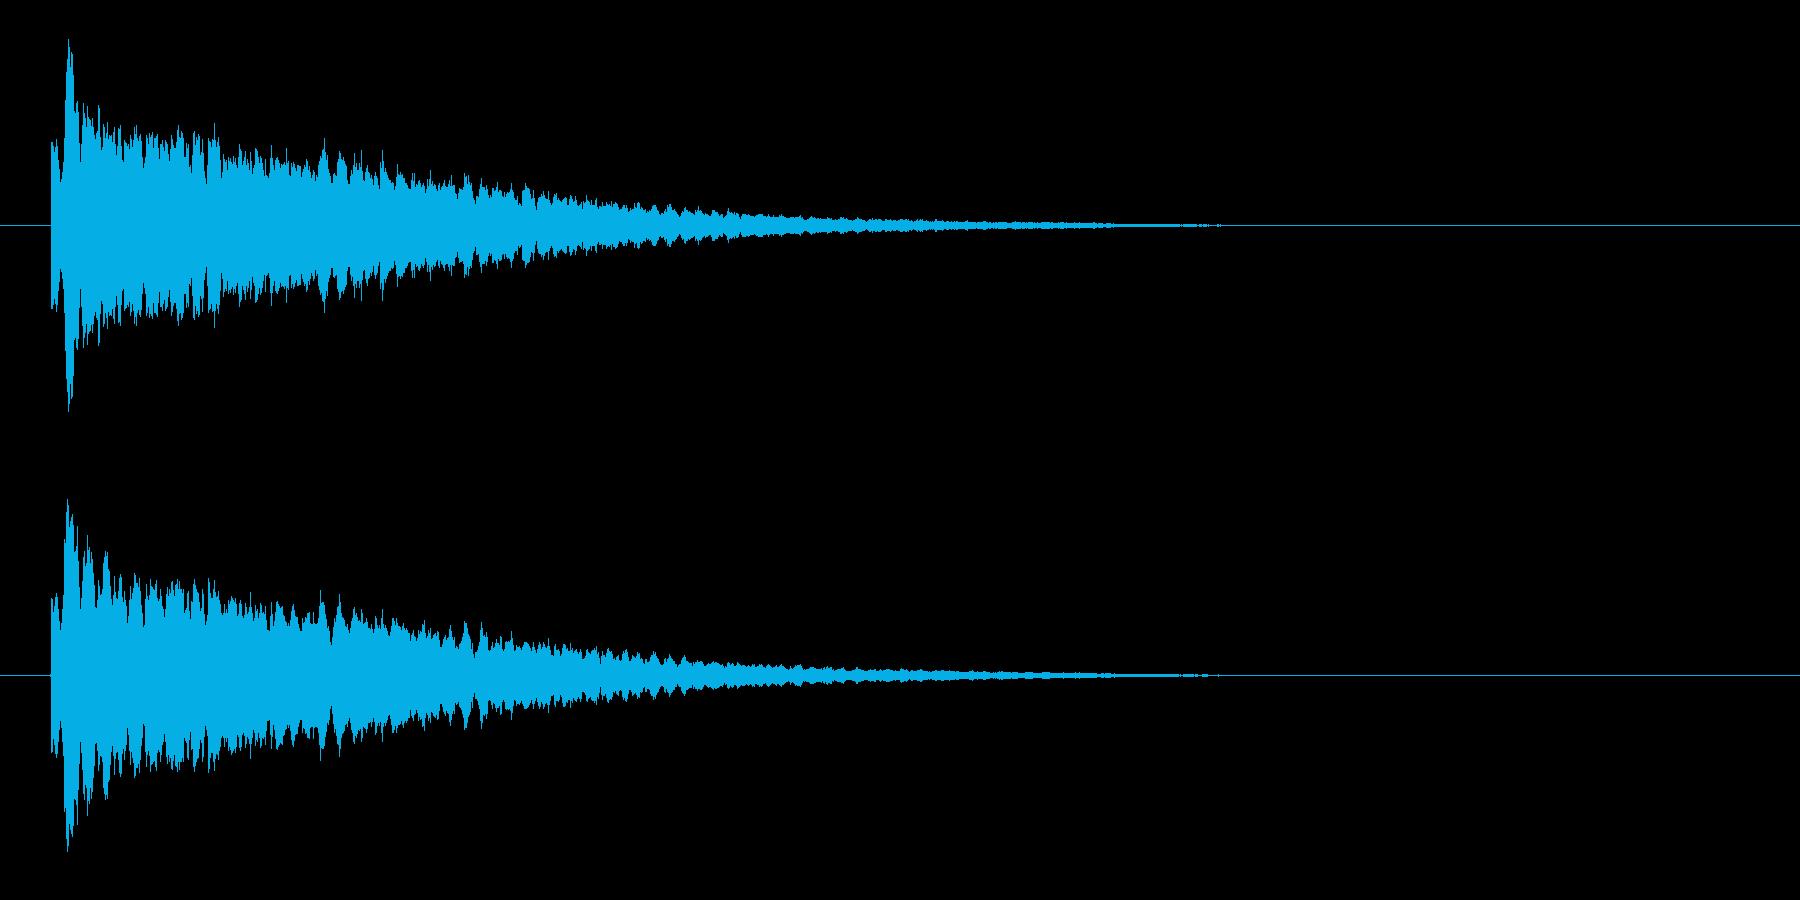 キラーンという爽やかなキラキラ音の再生済みの波形